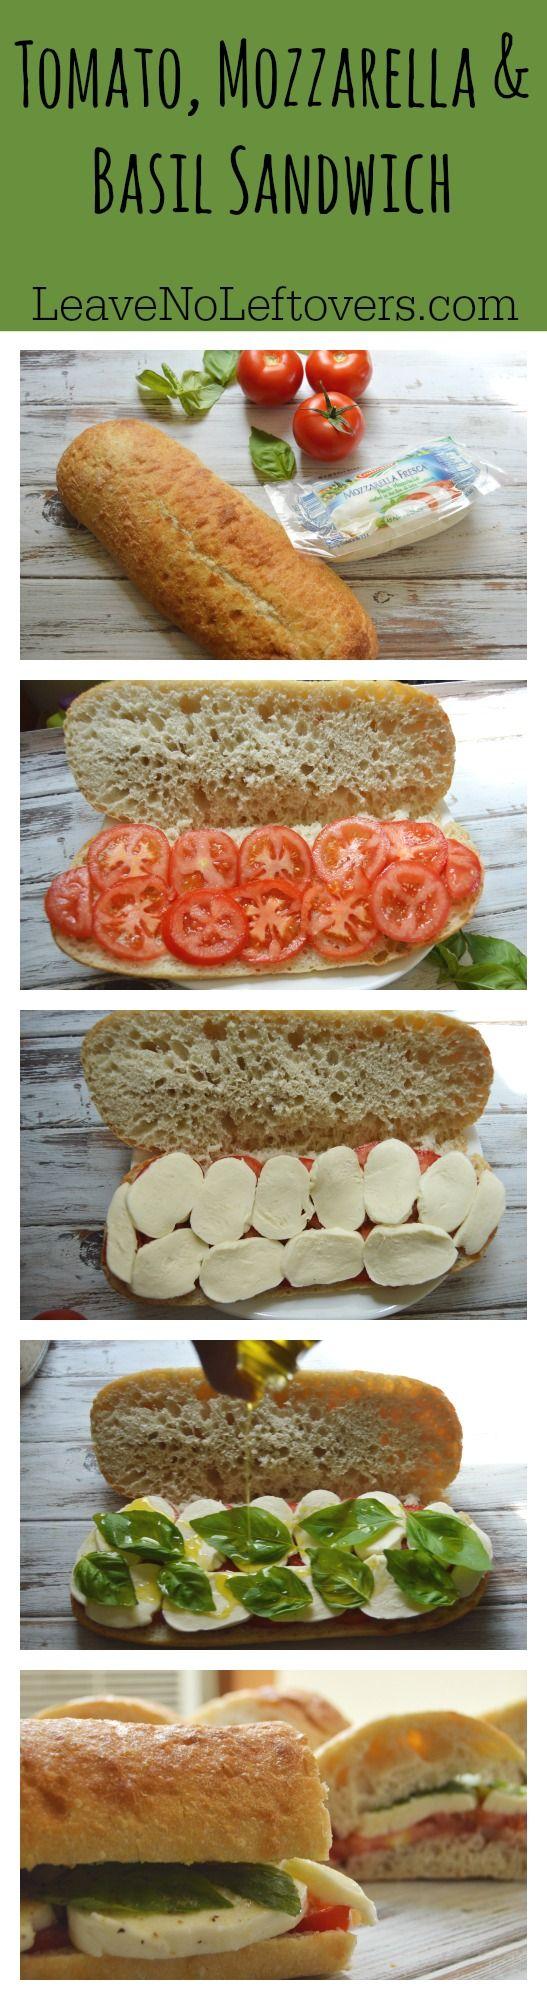 Tomato, Mozzarella & Basil Sandwich | Leave No Leftovers